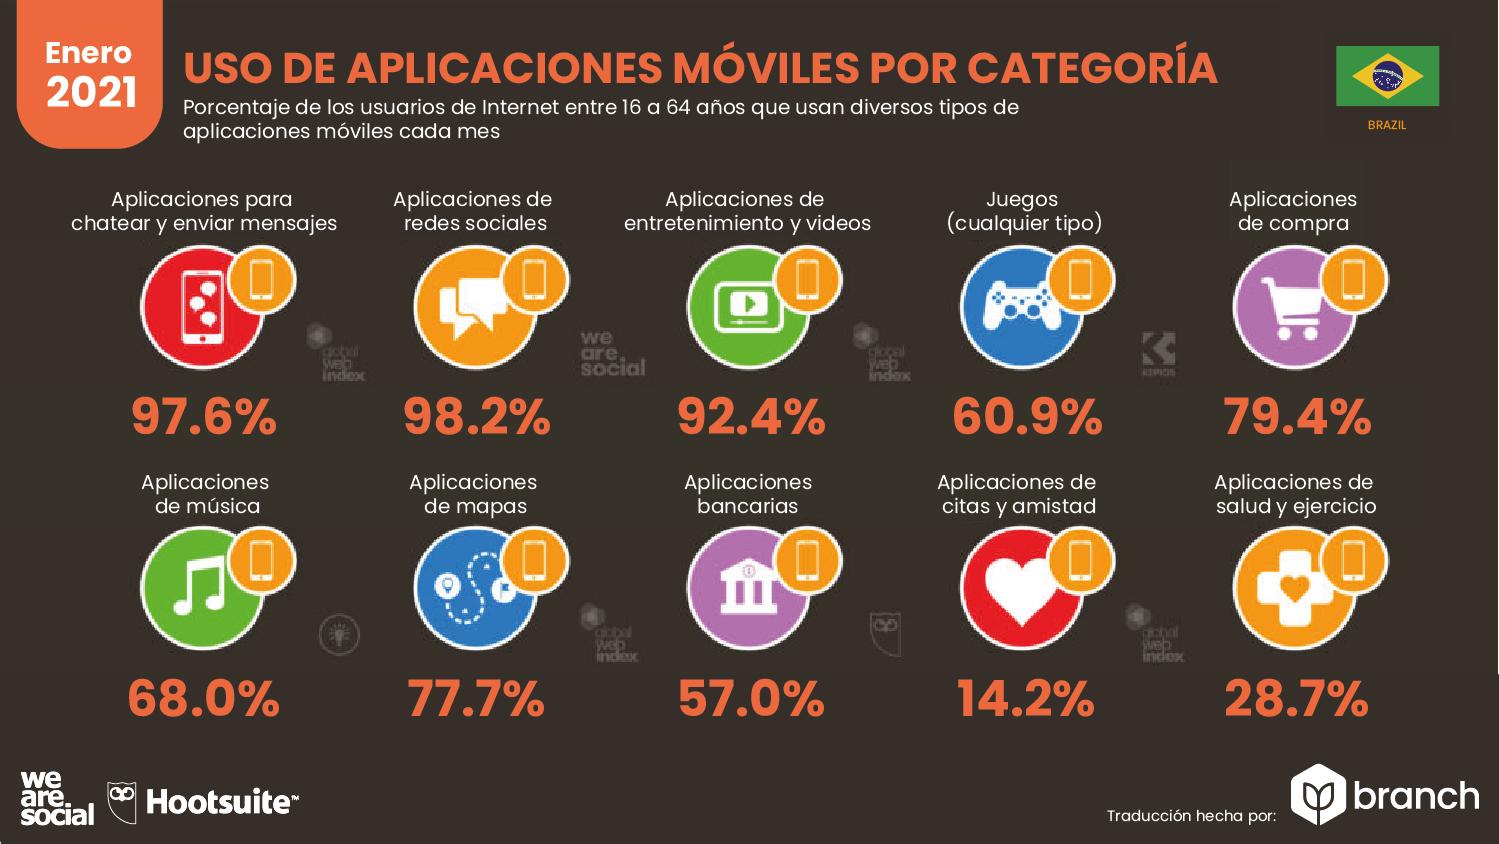 uso-de-aplicaciones-organizadas-por-categoria-brasil-2020-2021